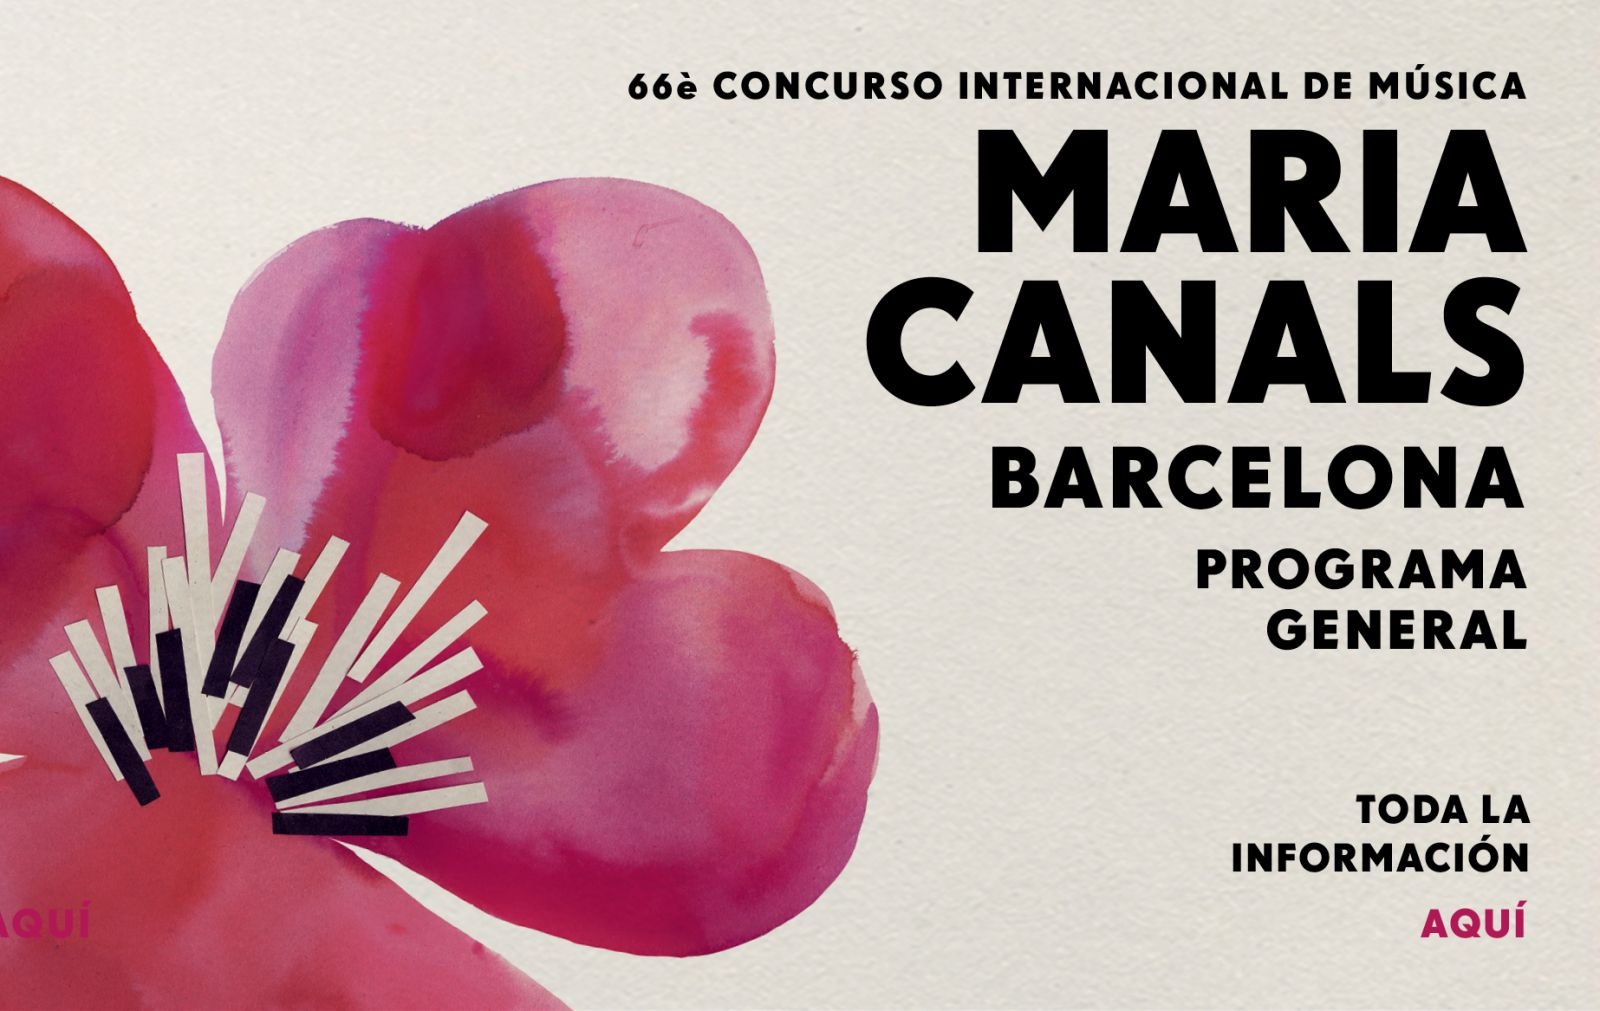 El Concurso Maria Canals fomenta la iniciativa #QuédateEnCasa